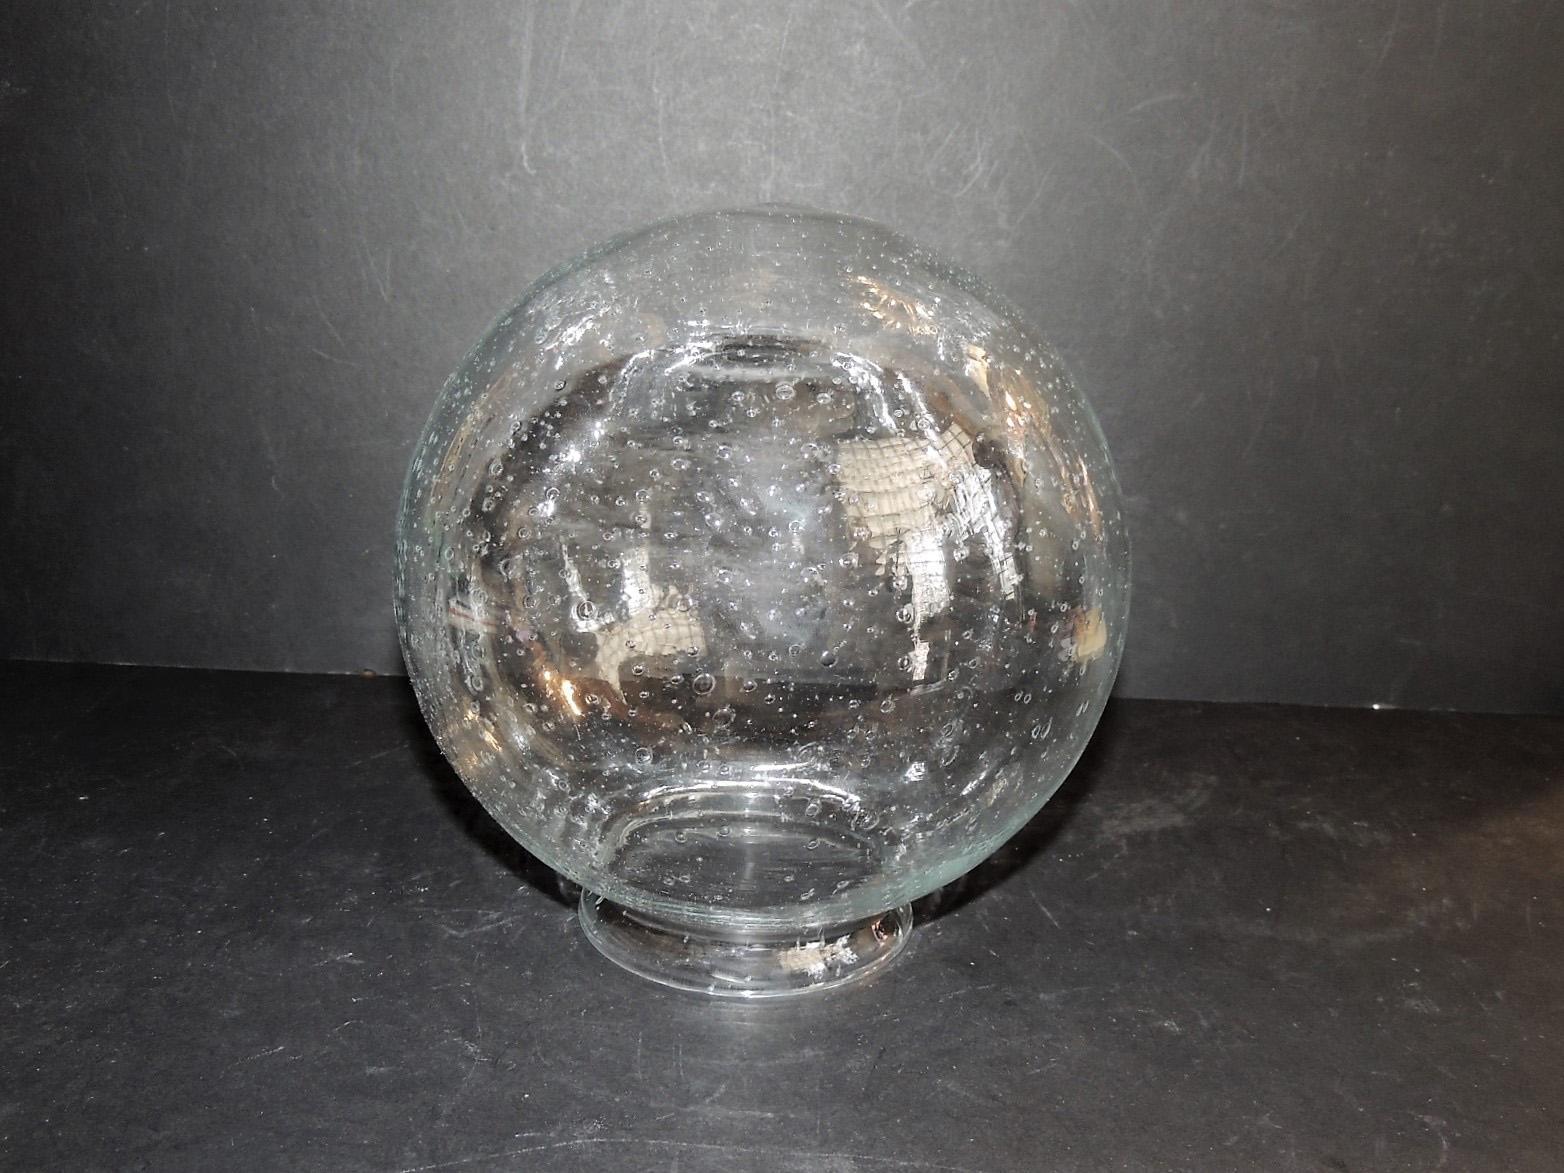 Ricambi Plafoniere Vetro : Ricambi: vetri di ricambio per lampadari rossi illuminazione vicenza